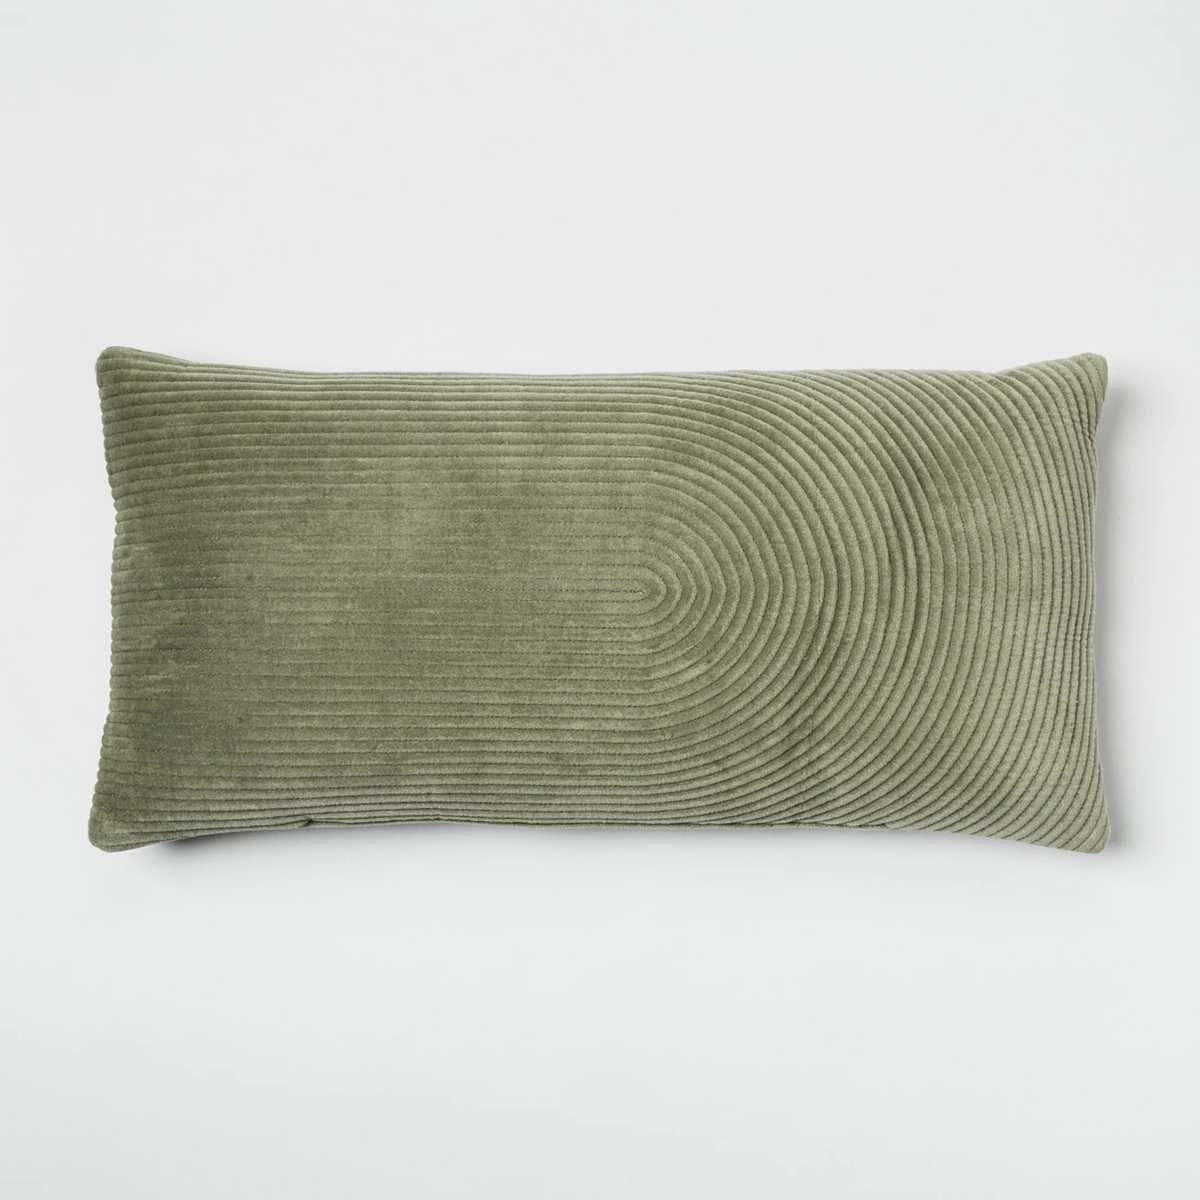 Rectangular moss green pillow.